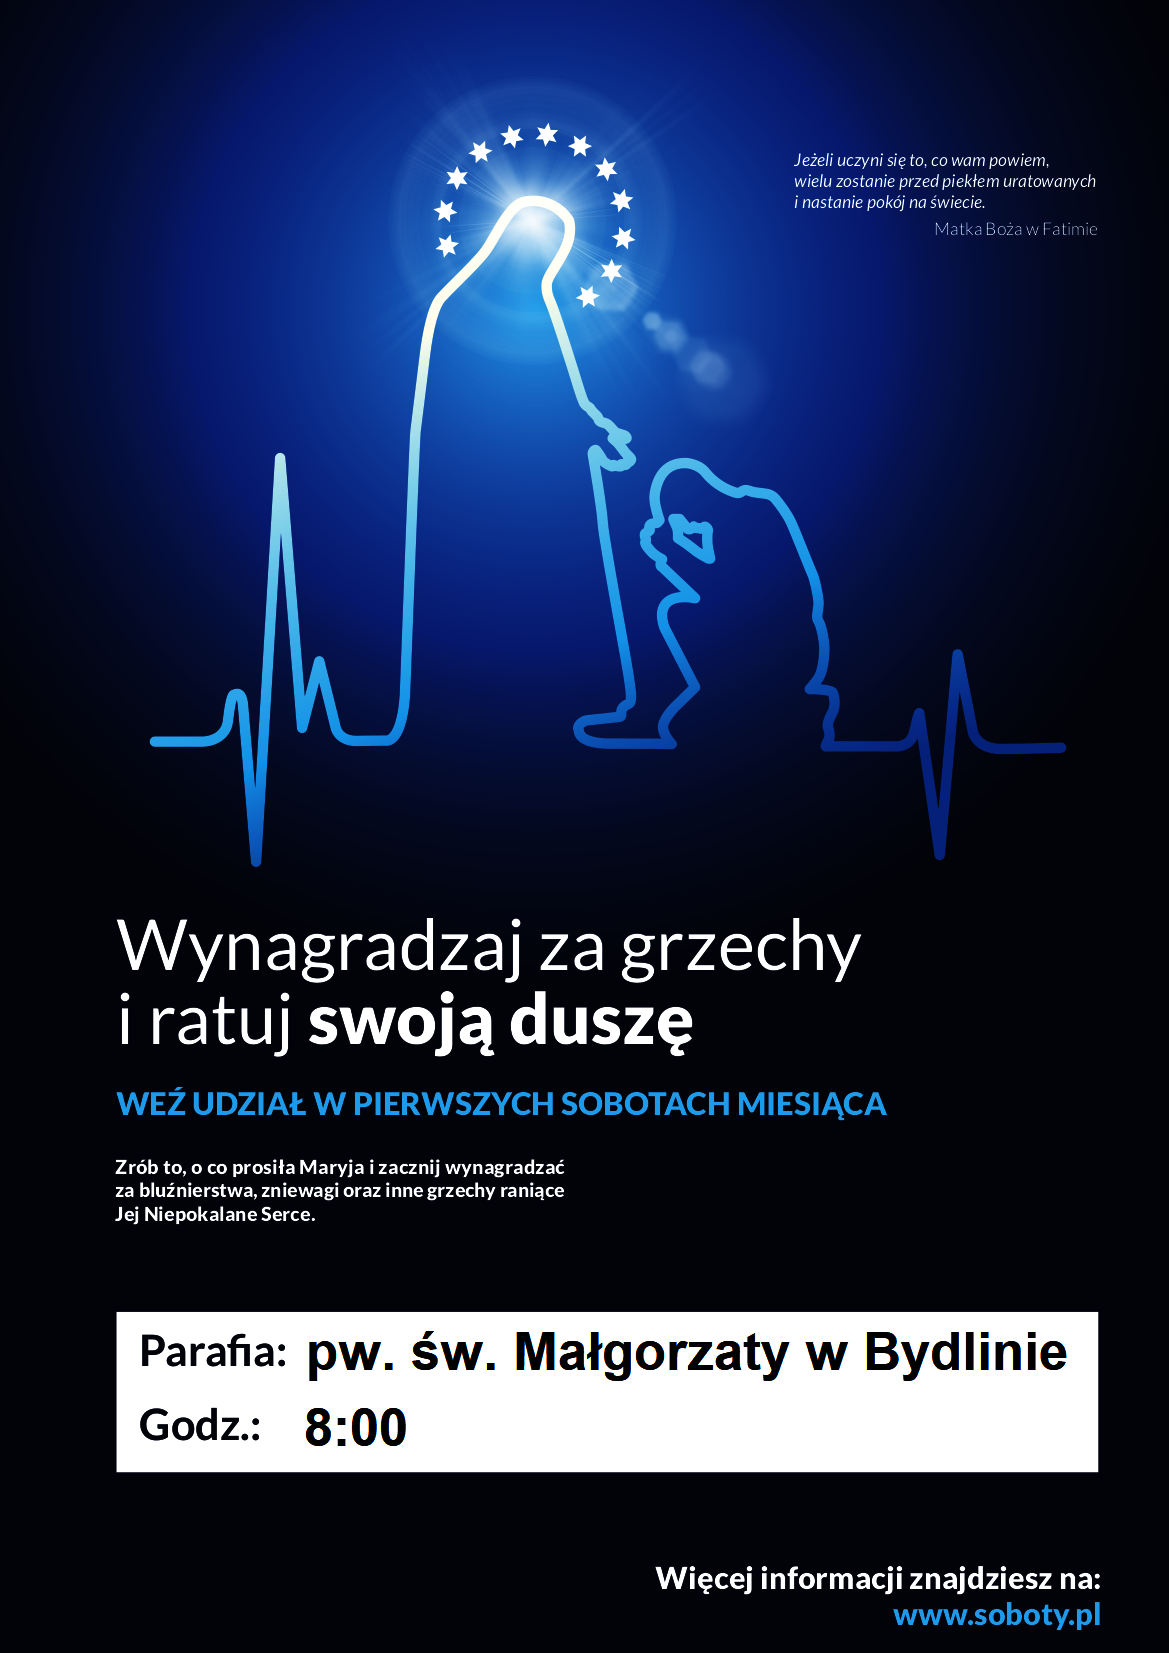 Plakat Pierwsze Soboty- Bydlin